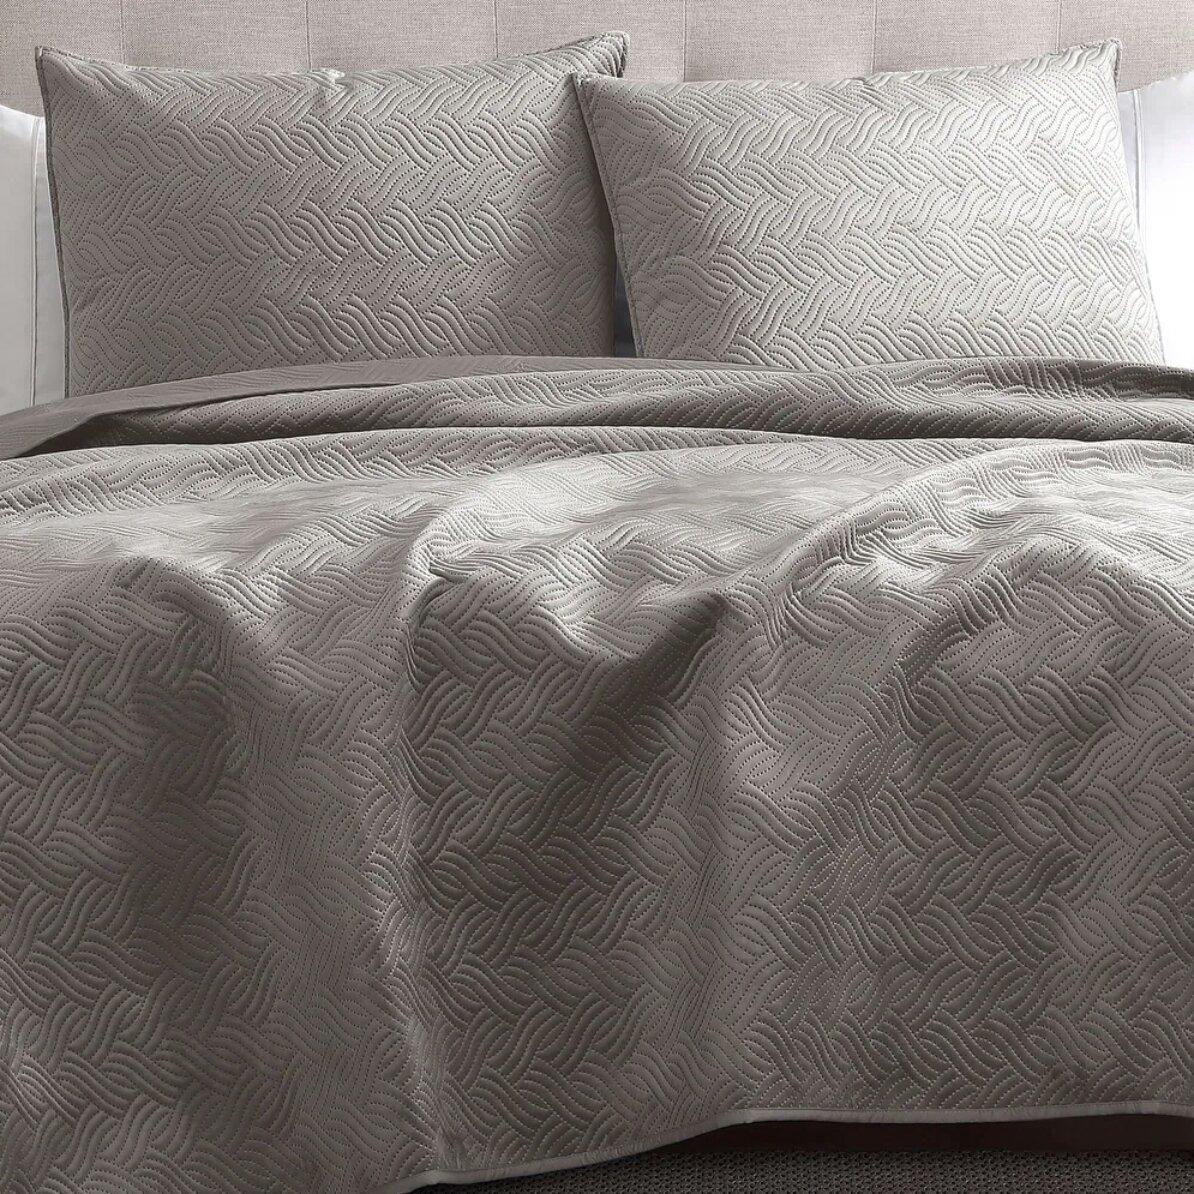 trendy dorm bedding ideas